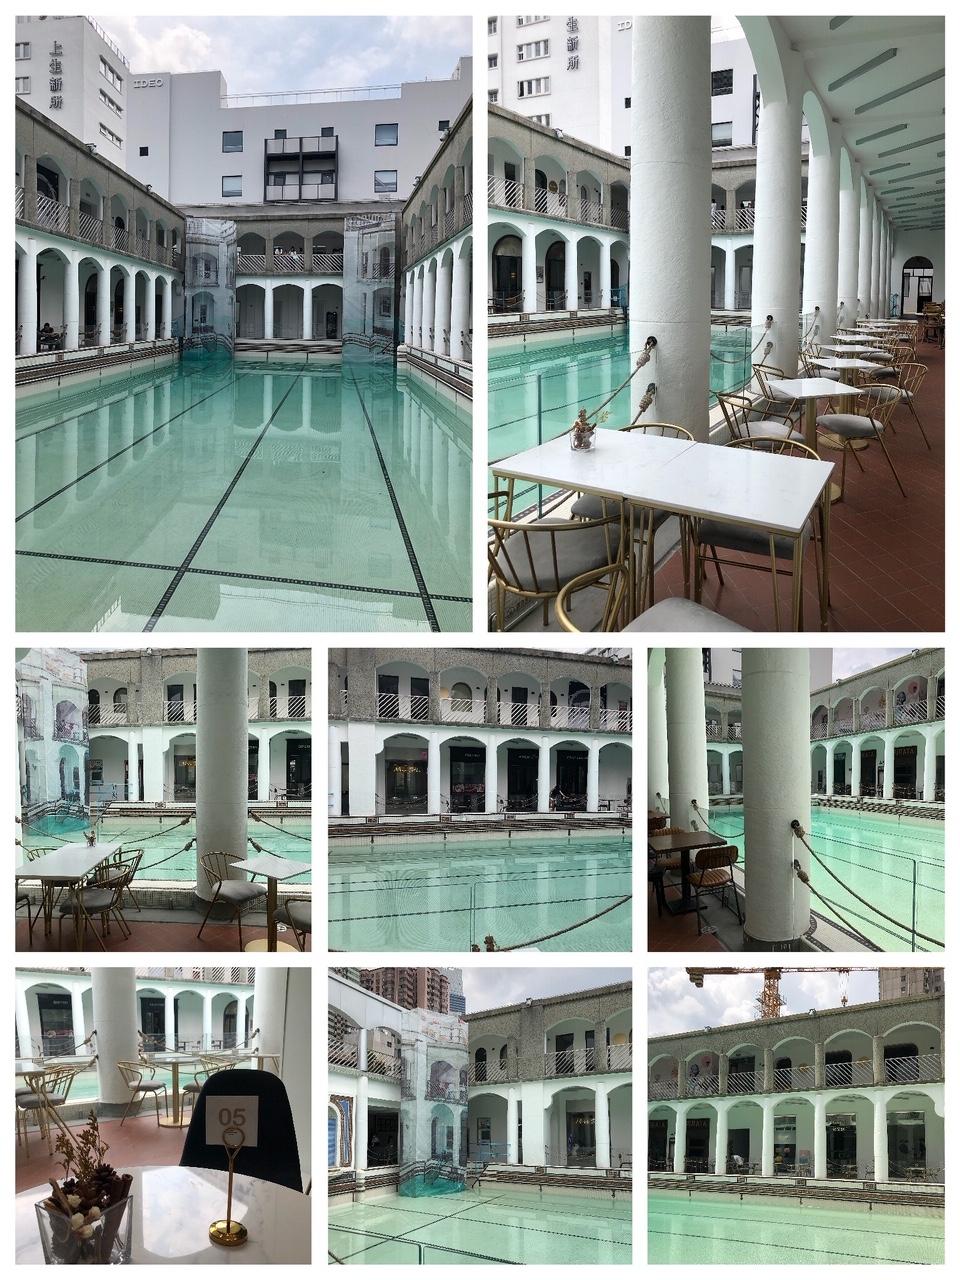 上海•見学用のプールは、鉄板の撮影スポット!